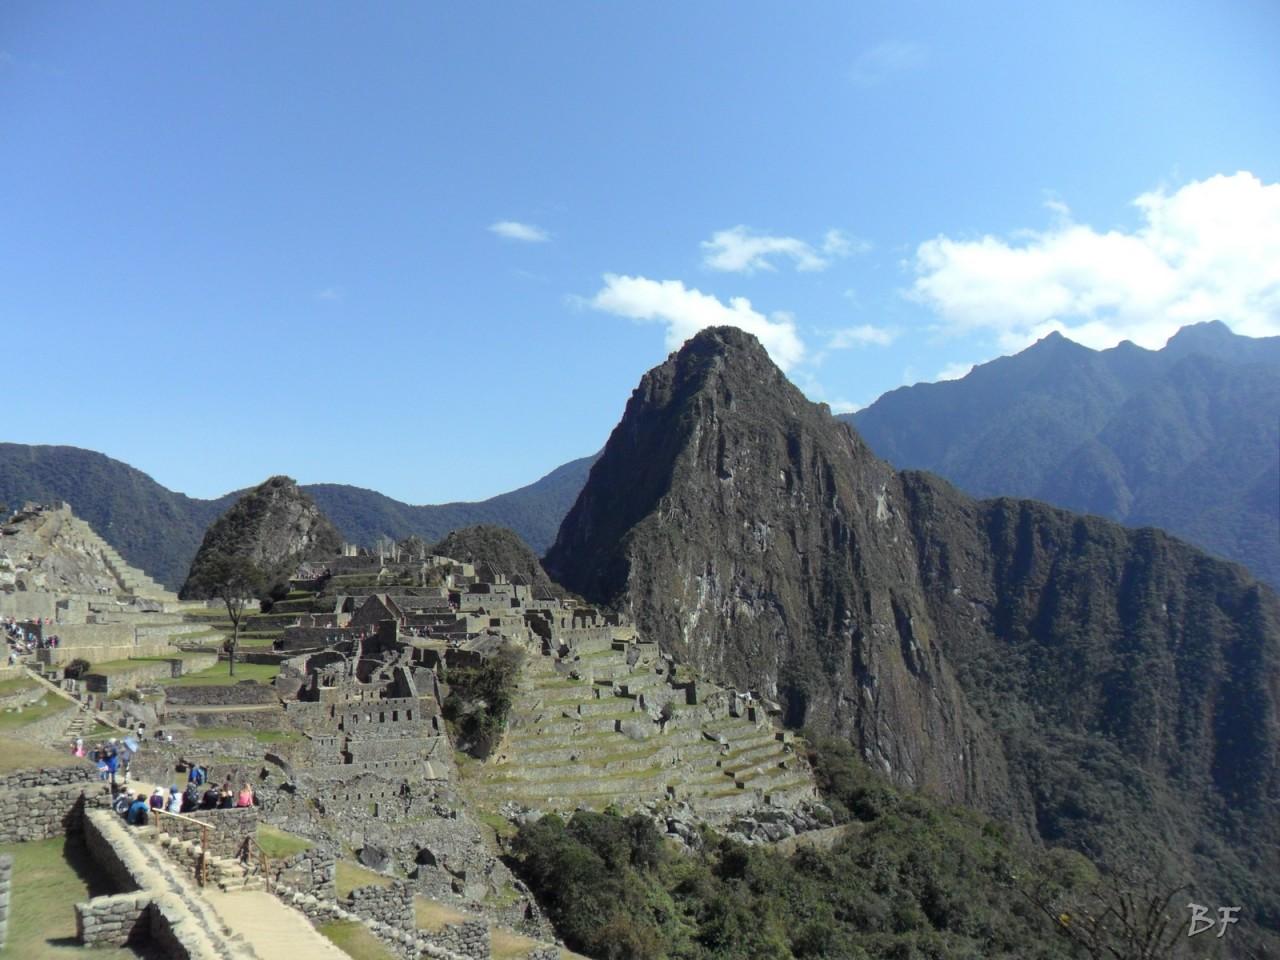 Mura-Poligonali-Incisioni-Altari-Edifici-Rupestri-Megaliti-Machu-Picchu-Aguas-Calientes-Urubamba-Cusco-Perù-6